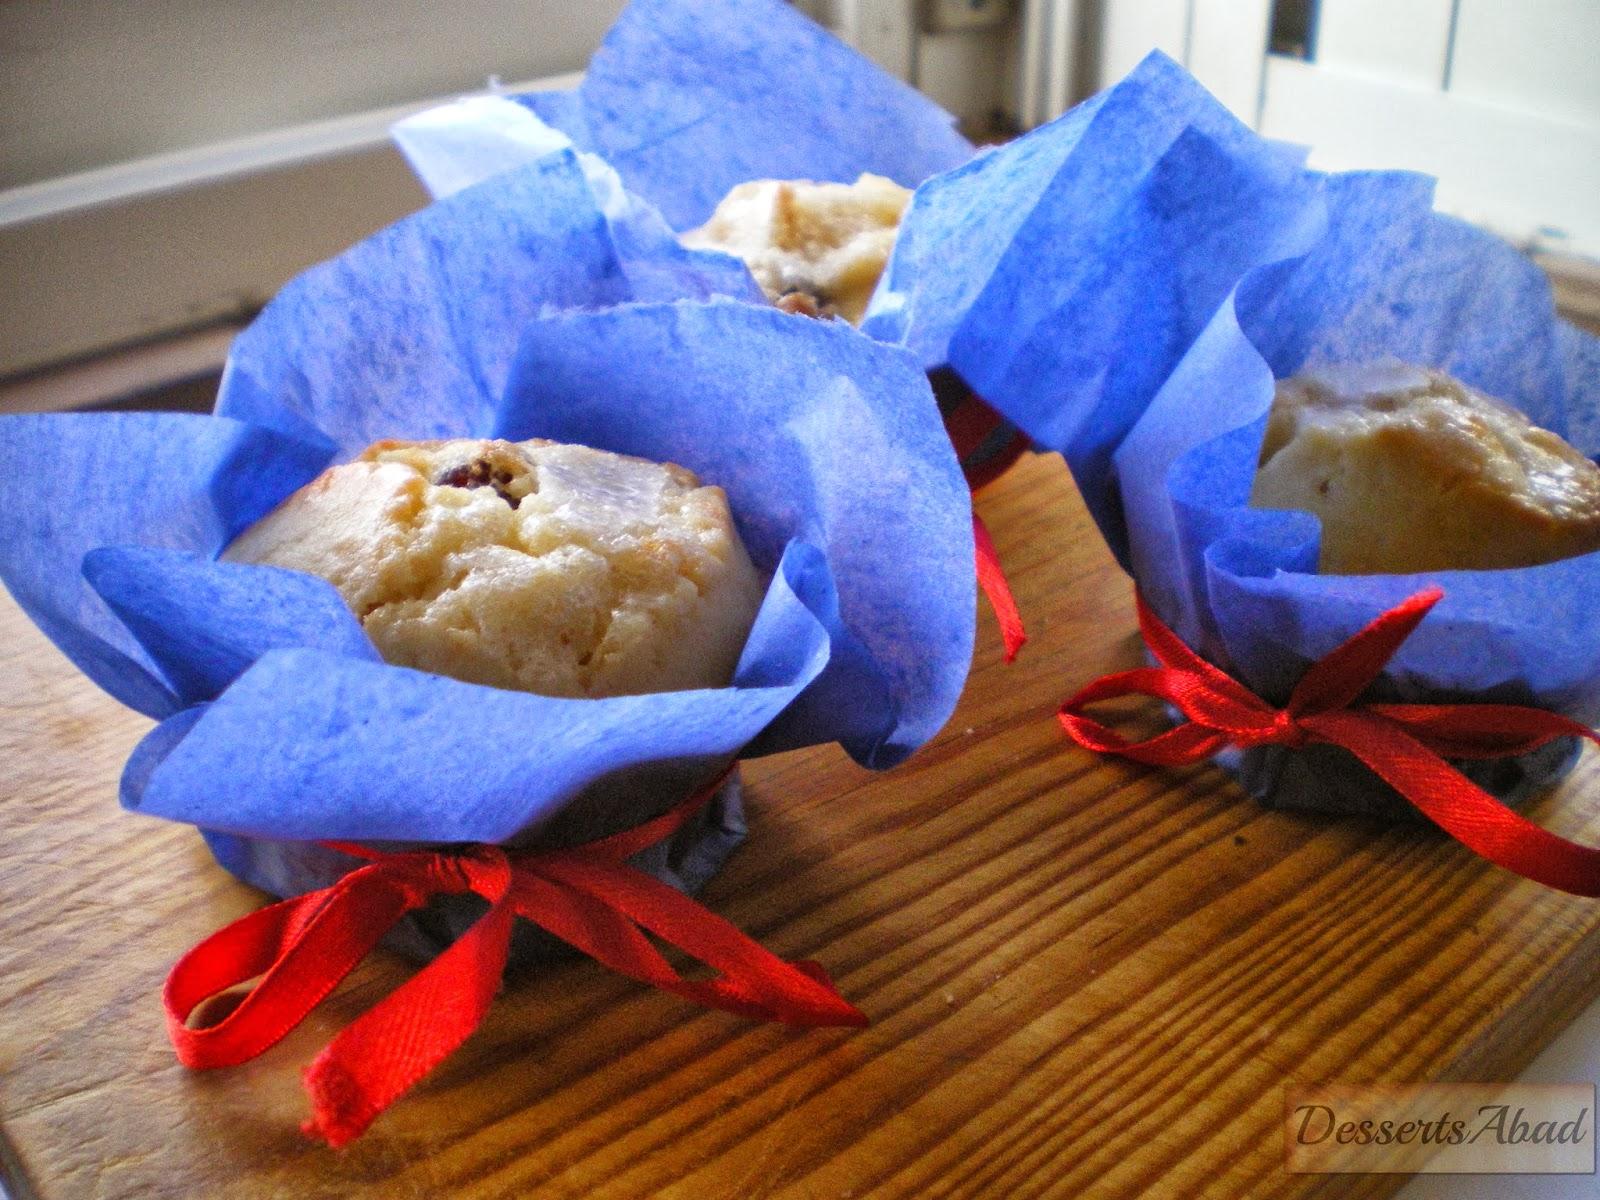 Muffins de arándanos y naranja confitada